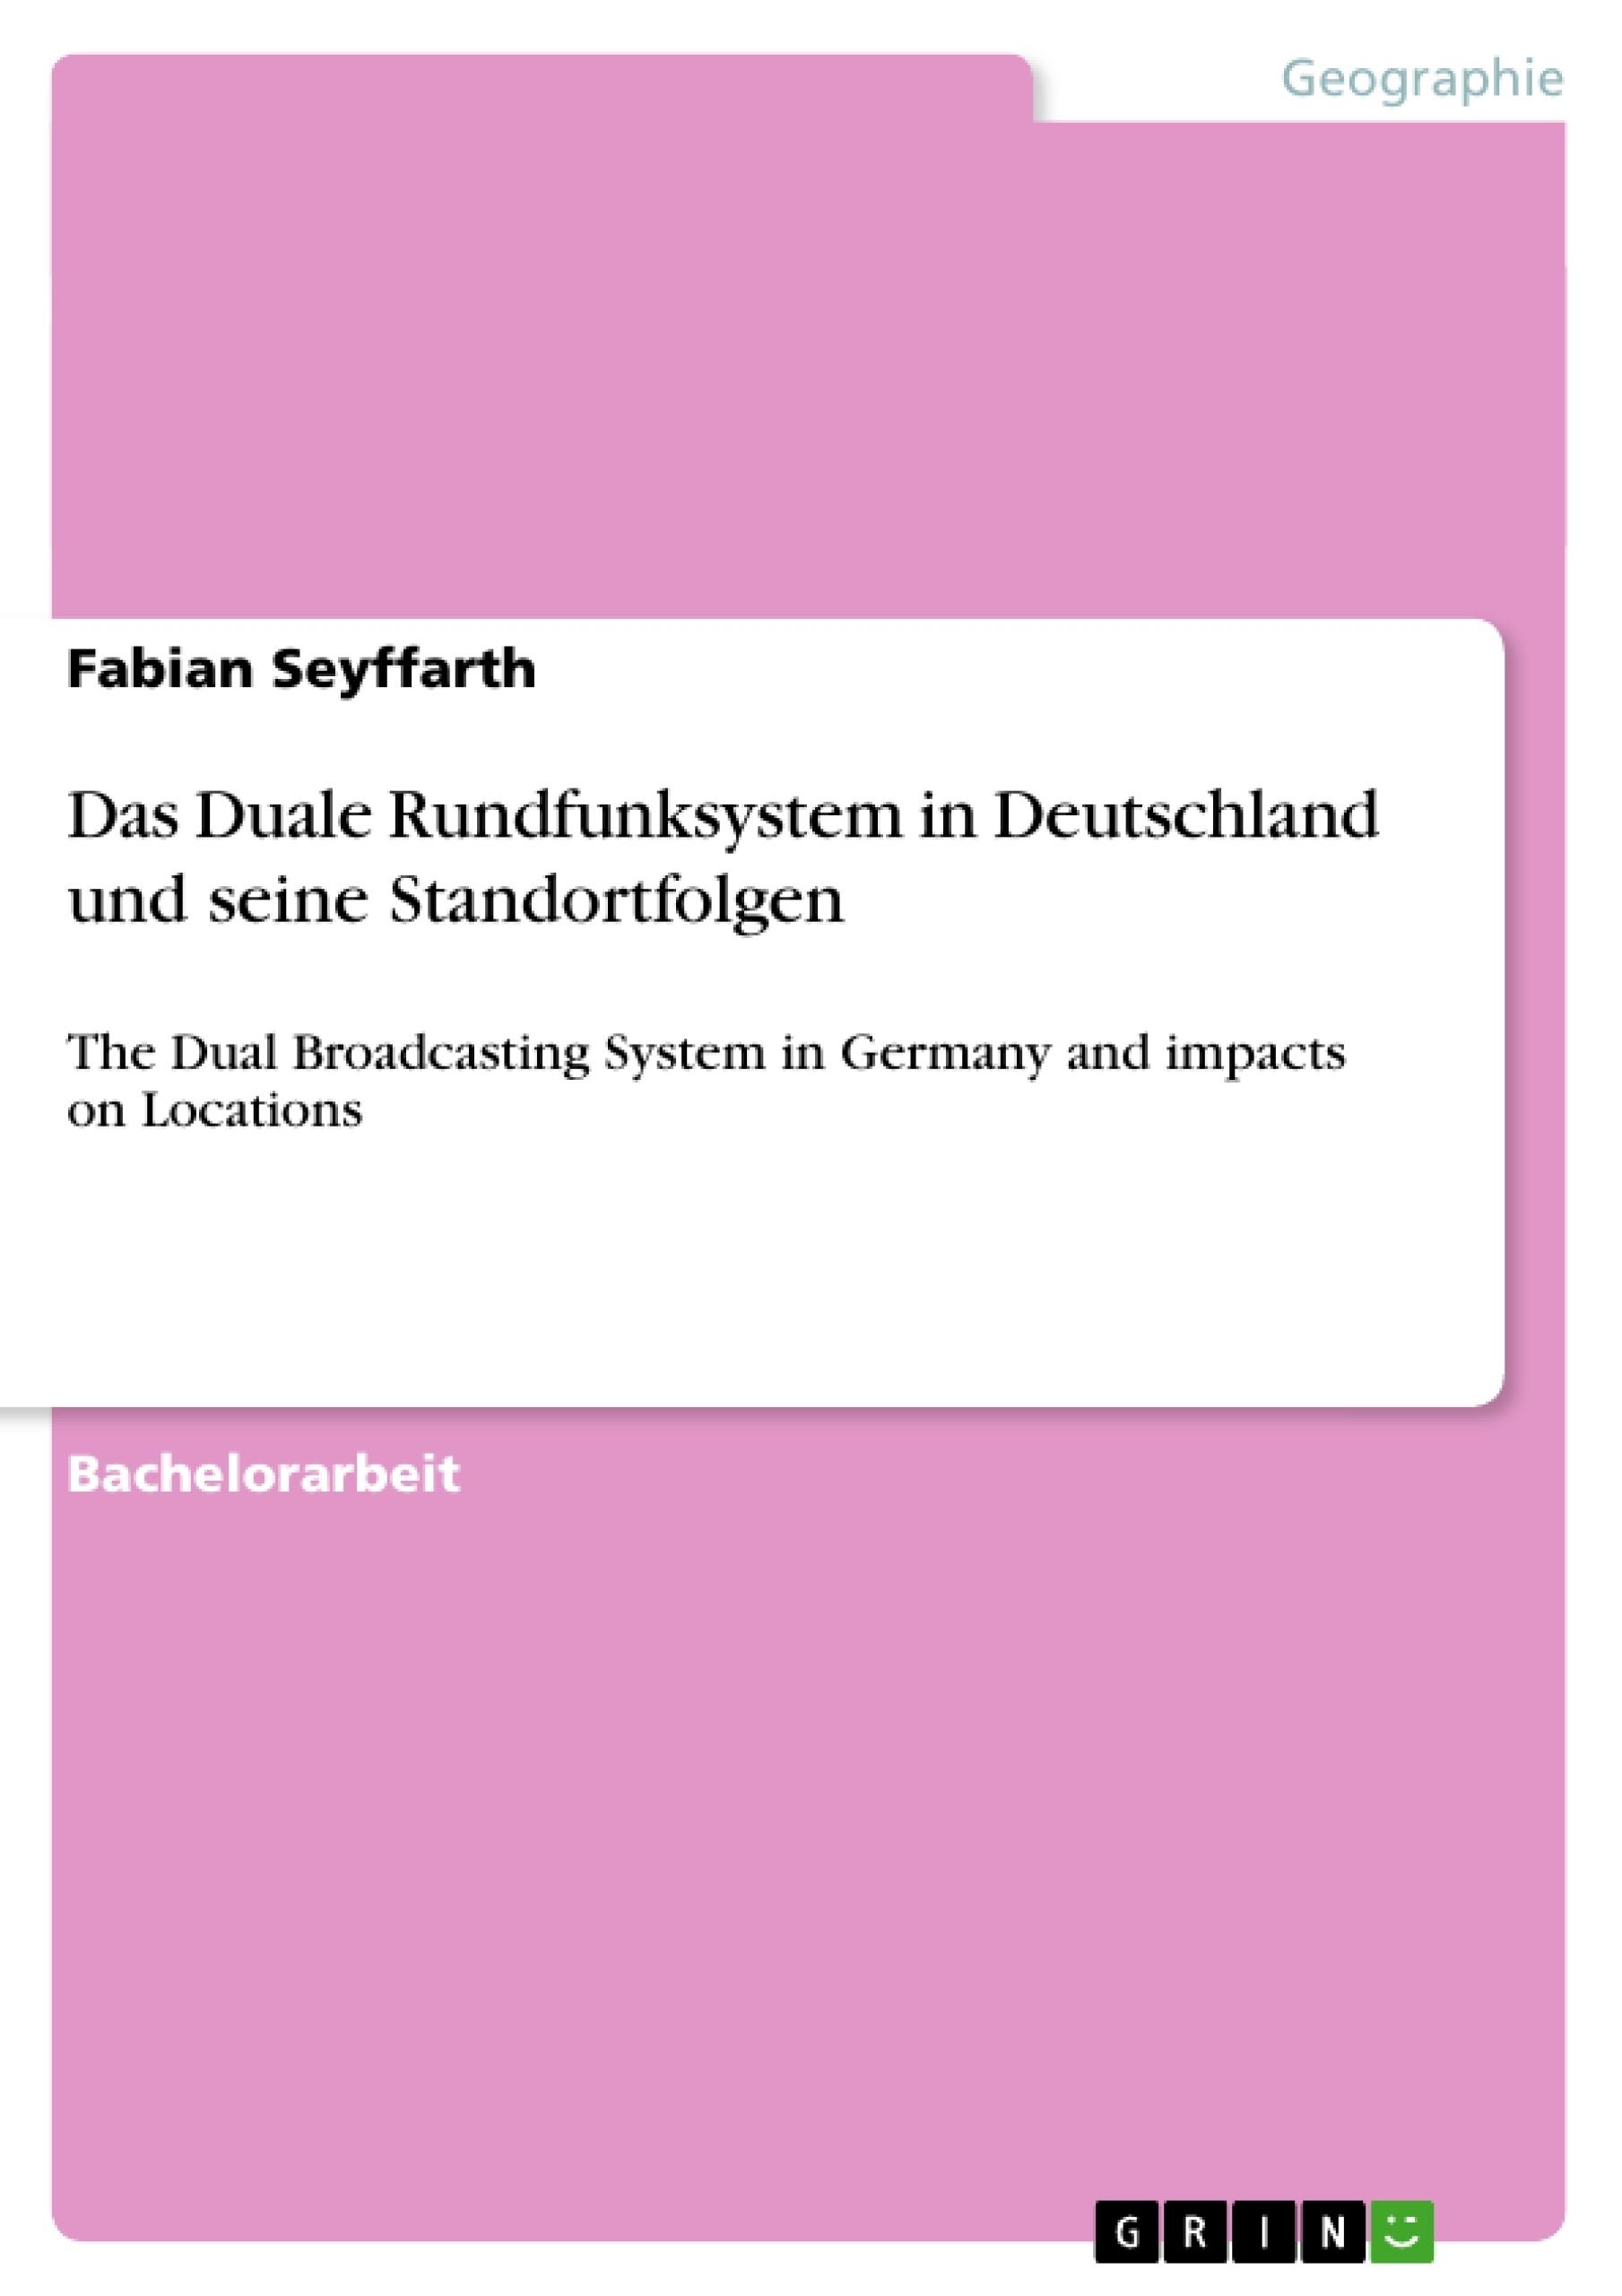 Titel: Das Duale Rundfunksystem in Deutschland und seine Standortfolgen